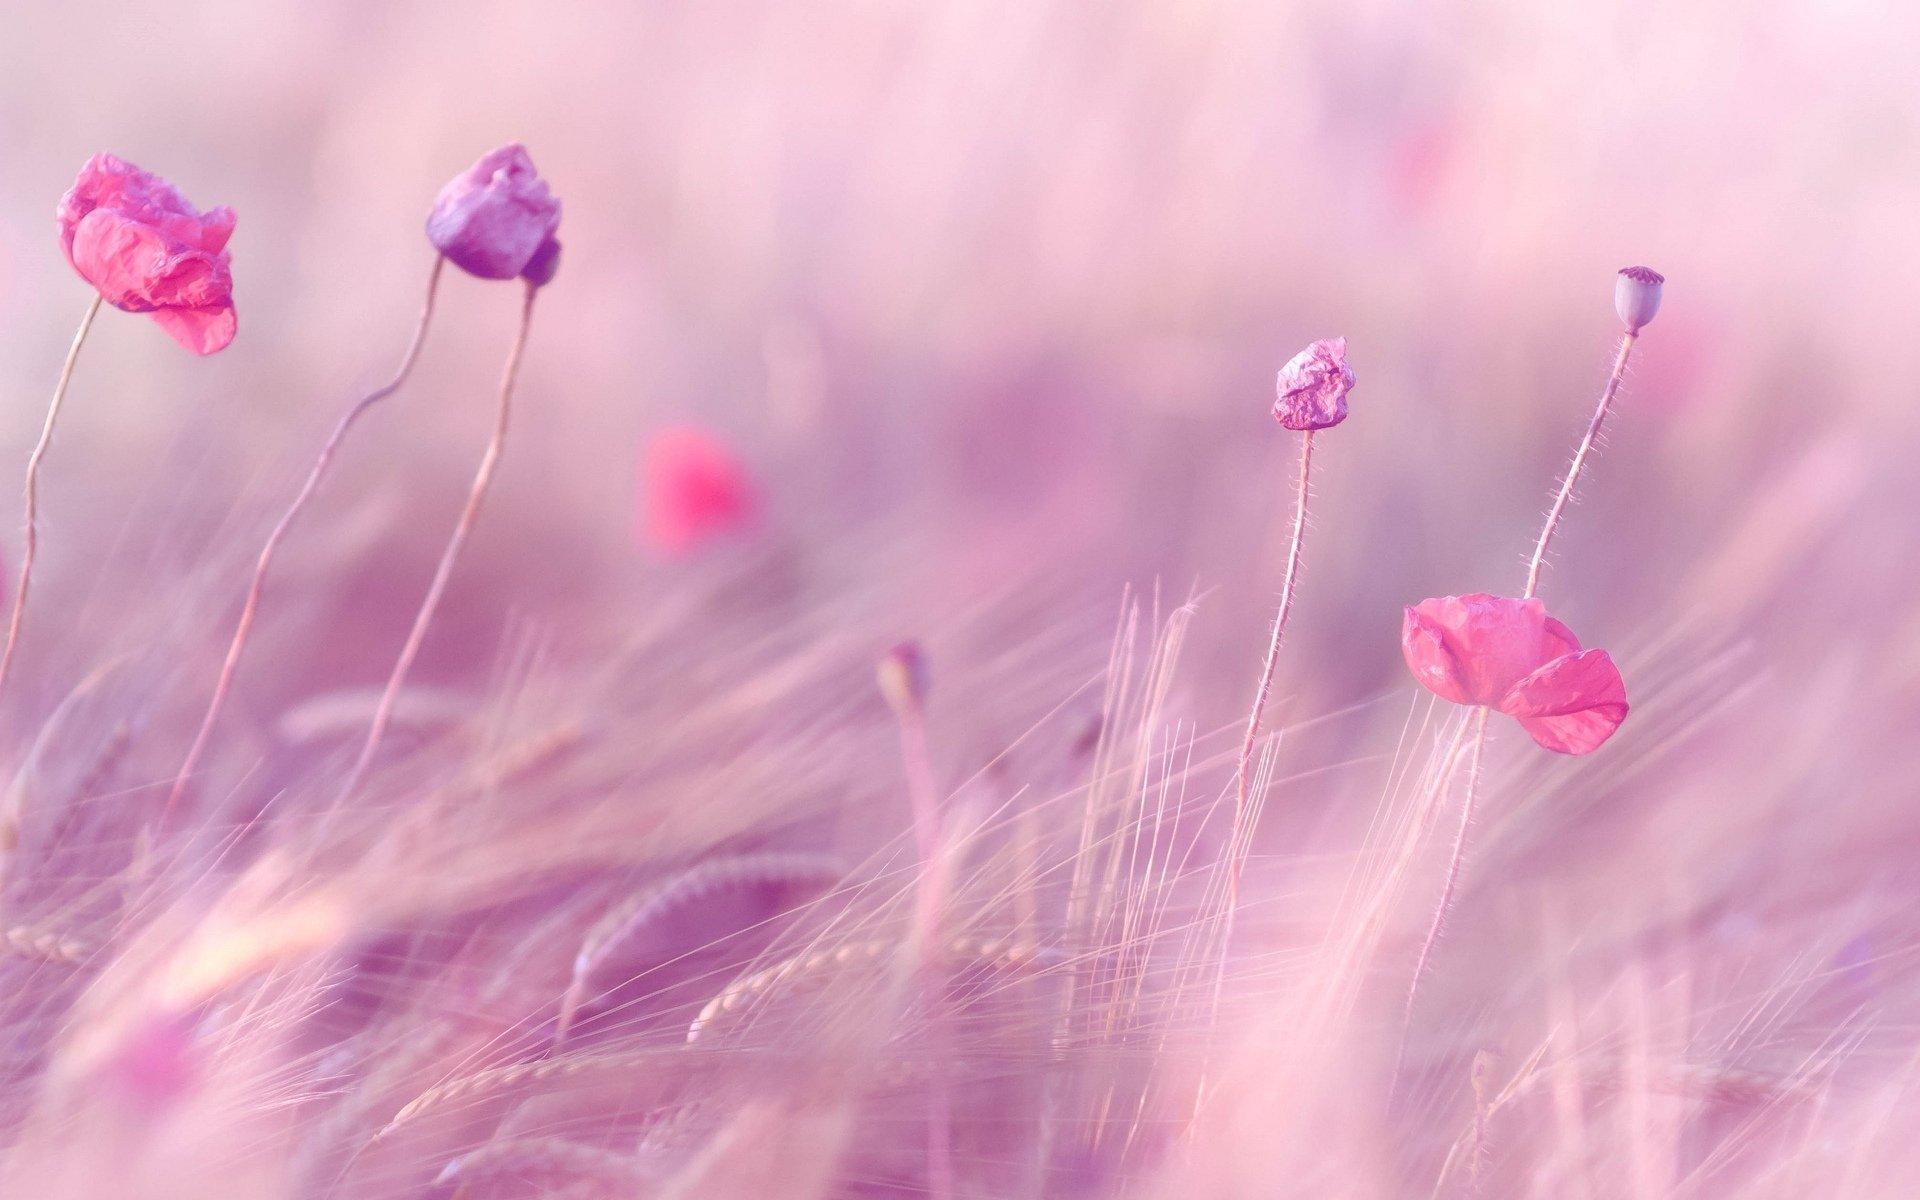 flower flowers pink the field ears wheat rye purple flowers field